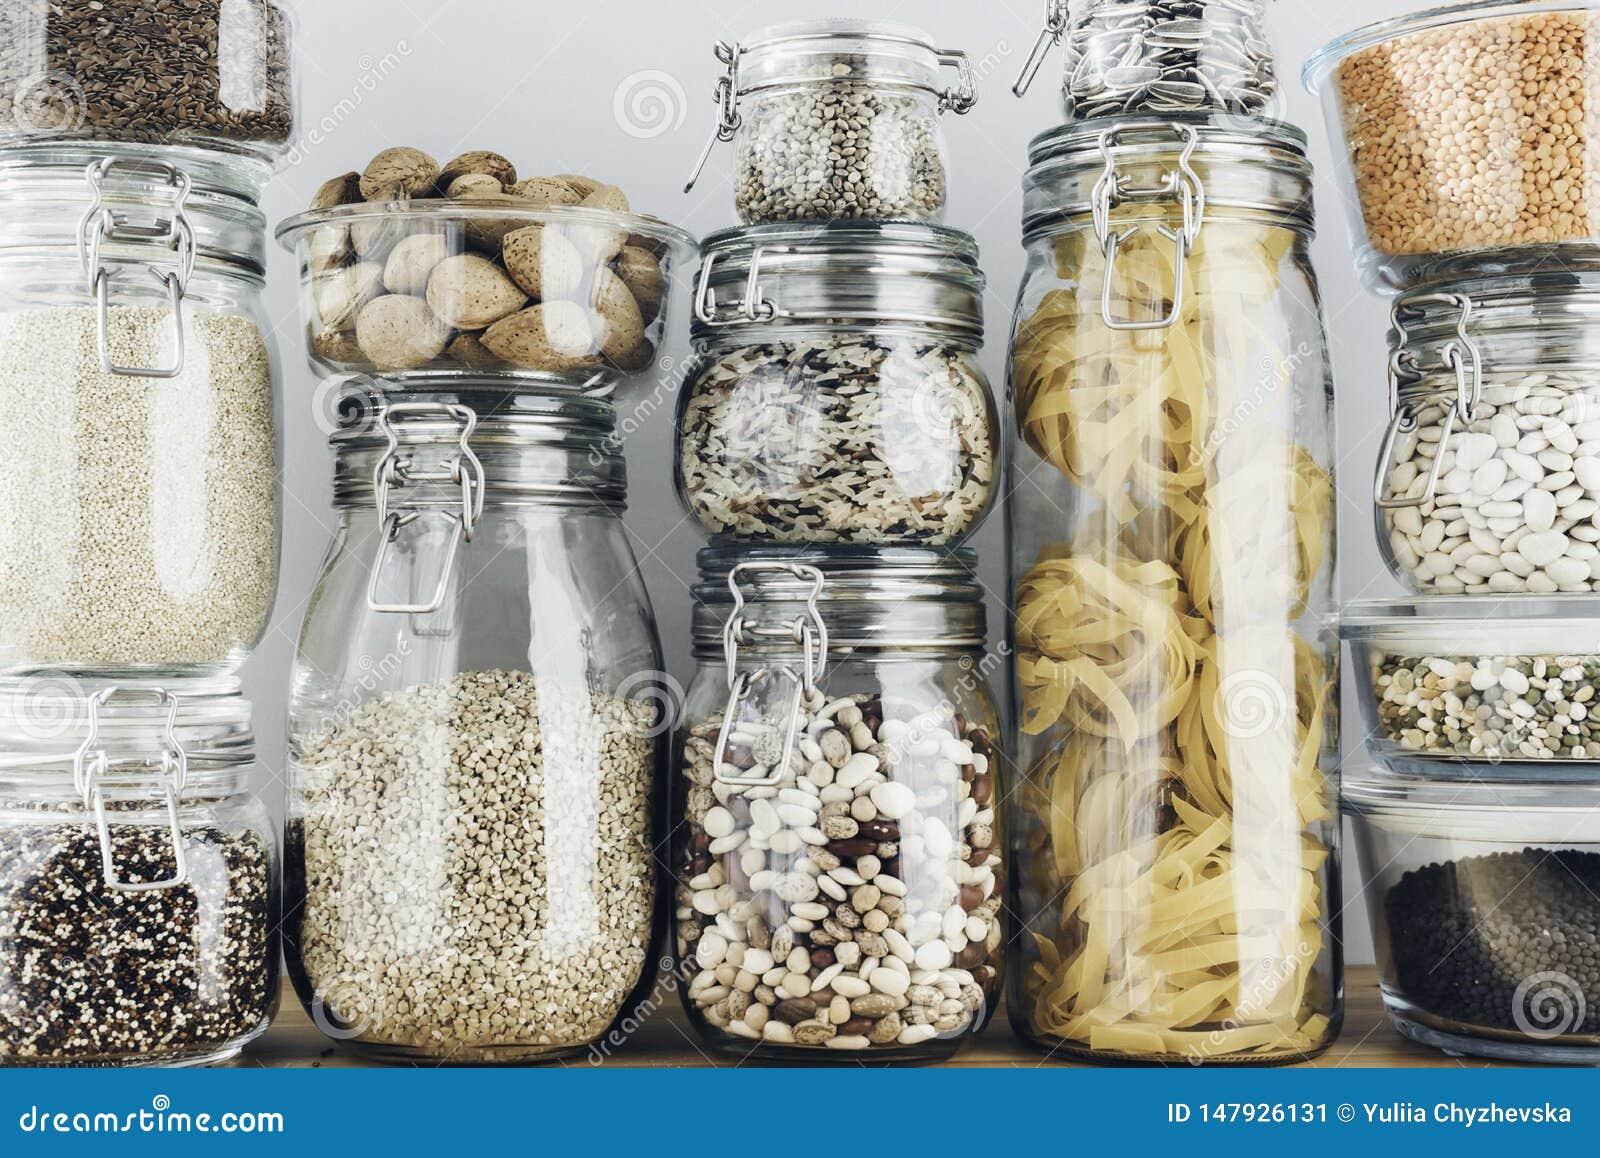 Ассортимент сырых зерен, хлопьев и макаронных изделий в стеклянных опарниках на деревянном столе r